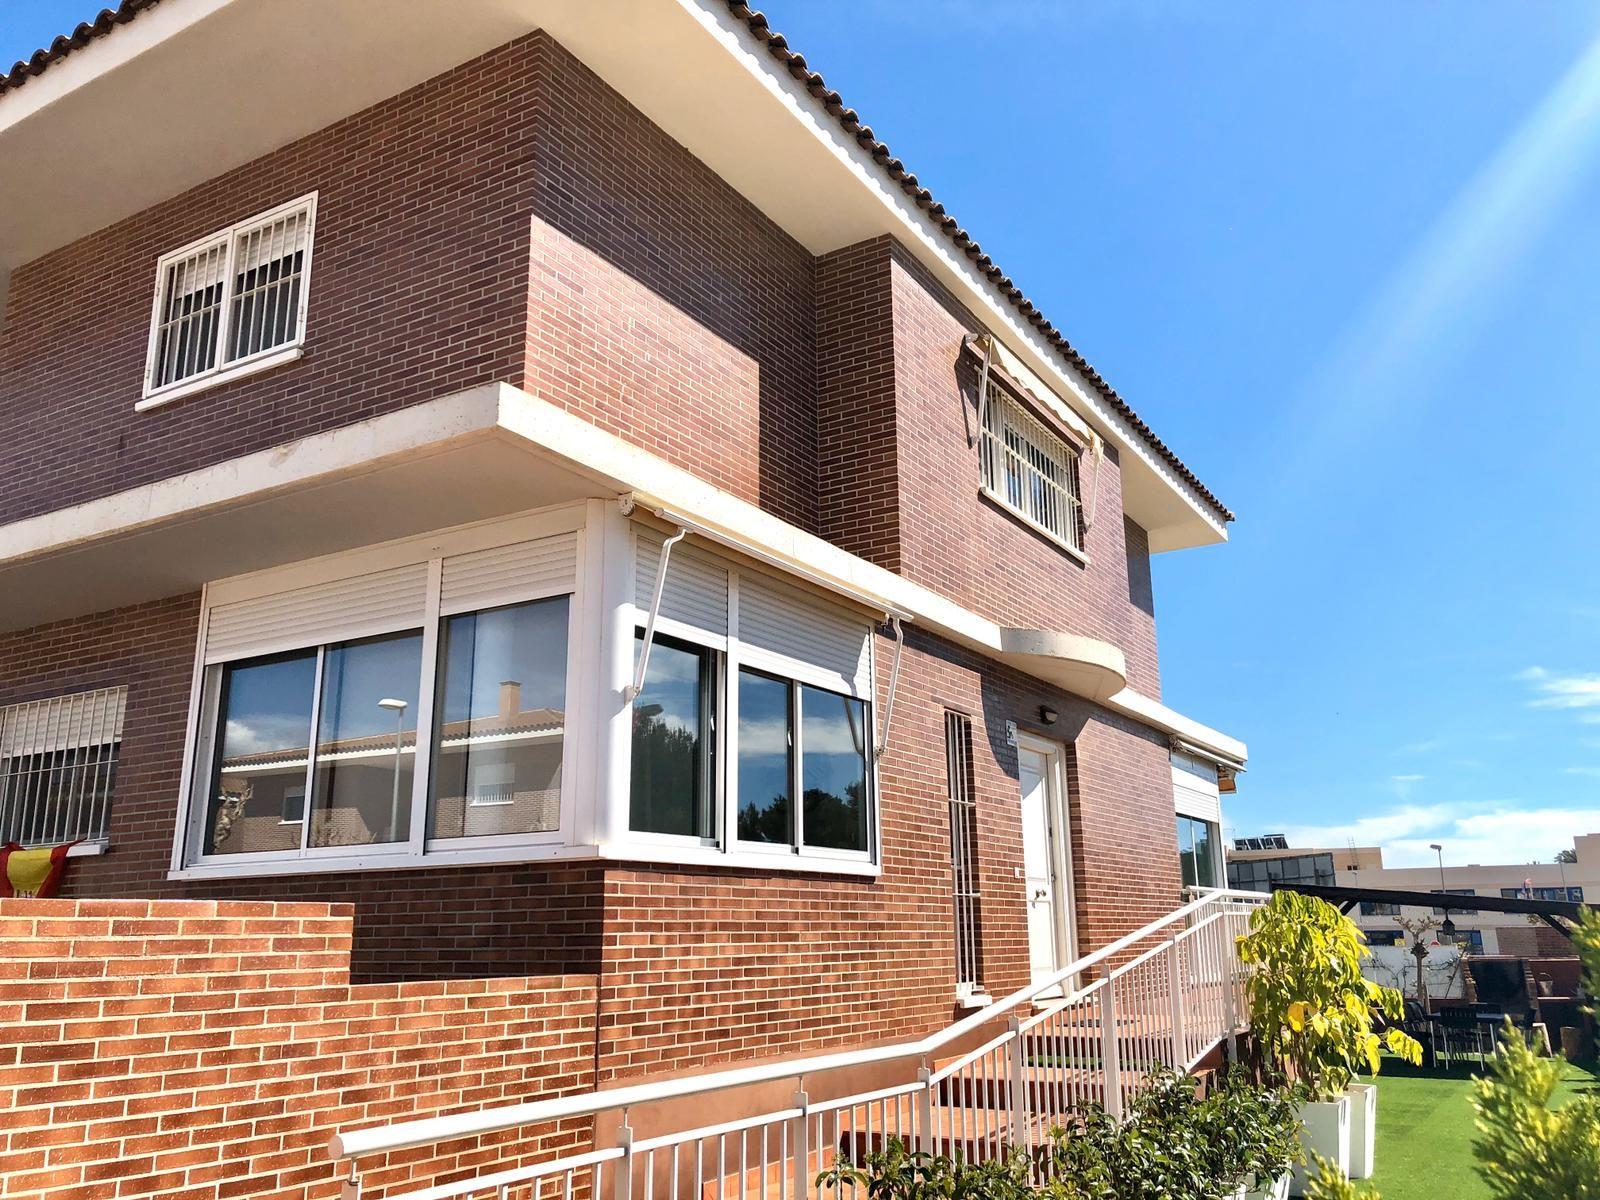 Casa adosada en Muchamiel, Casa Fus/Ravel, venta